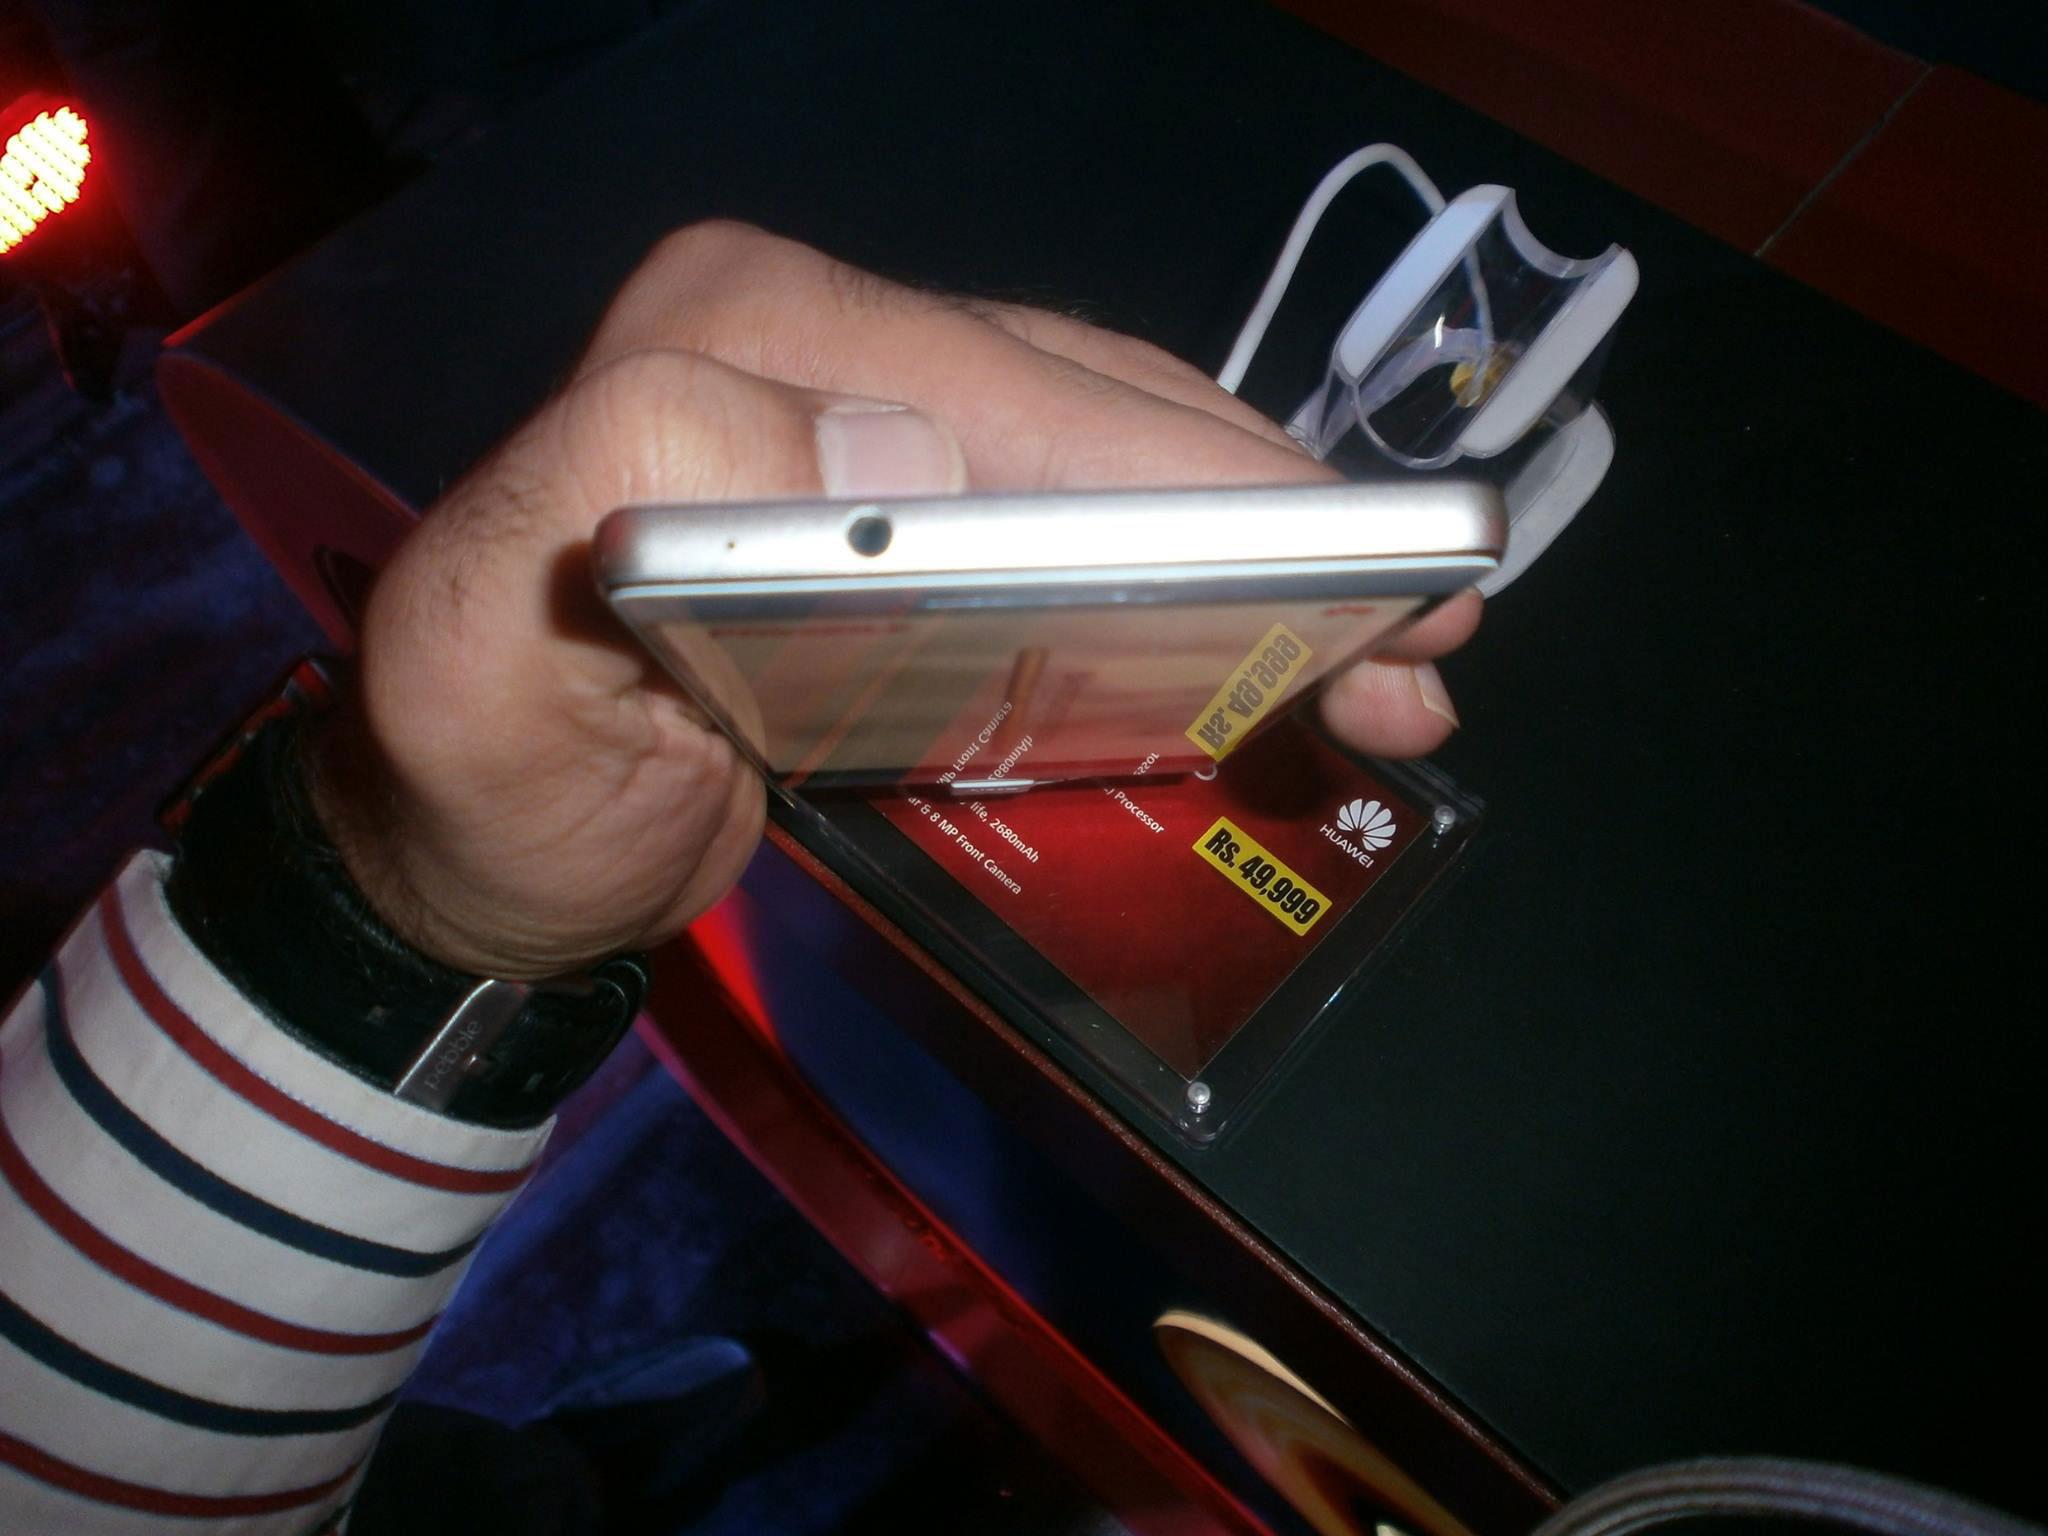 Huawei Launched Huawei P8 in Pakistan